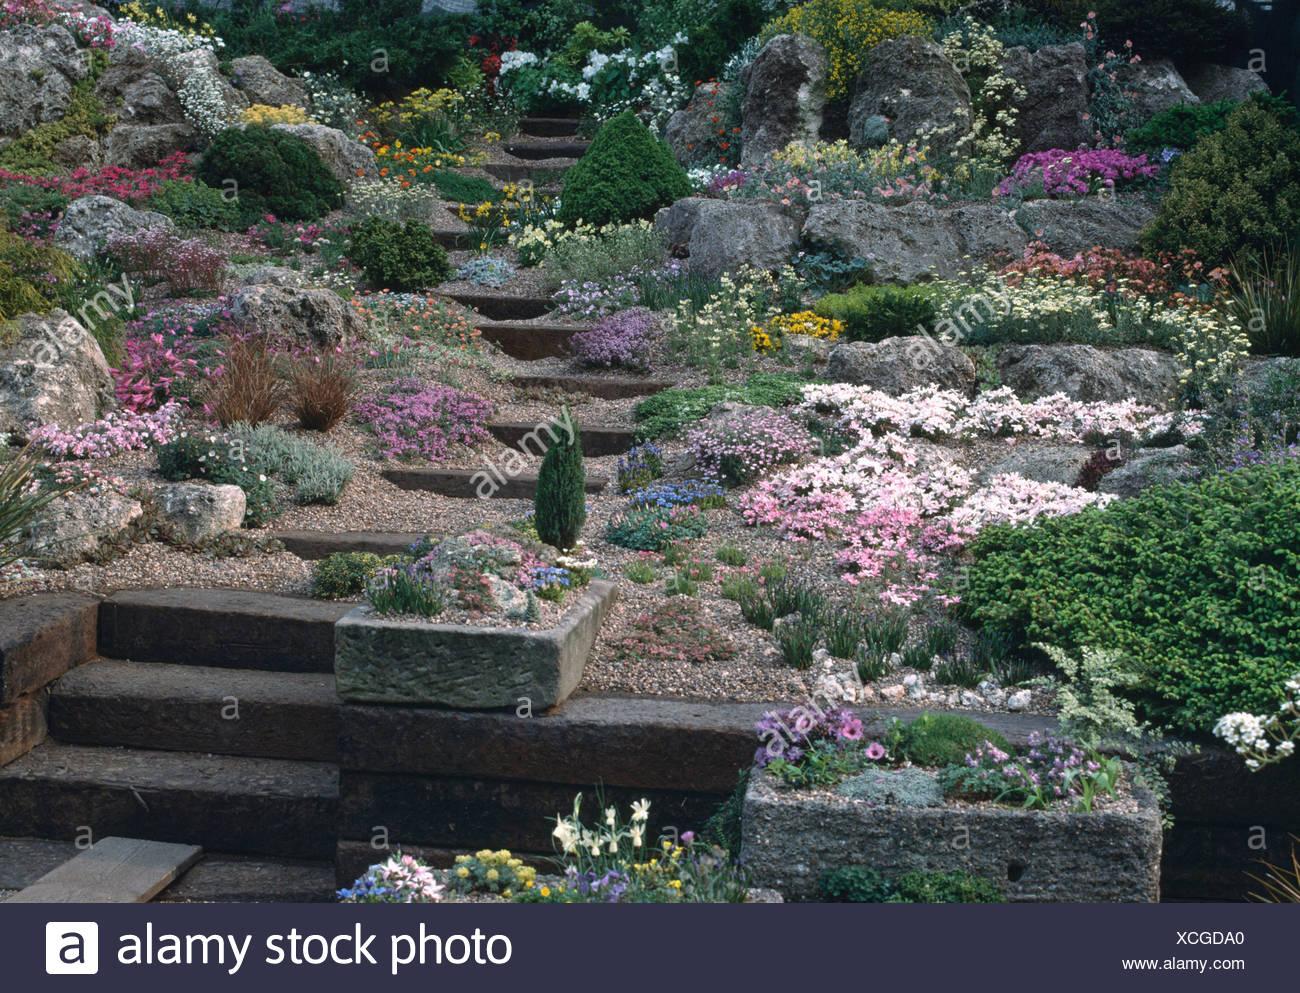 La floraison des plantes alpines en colline rocaille jardin ...